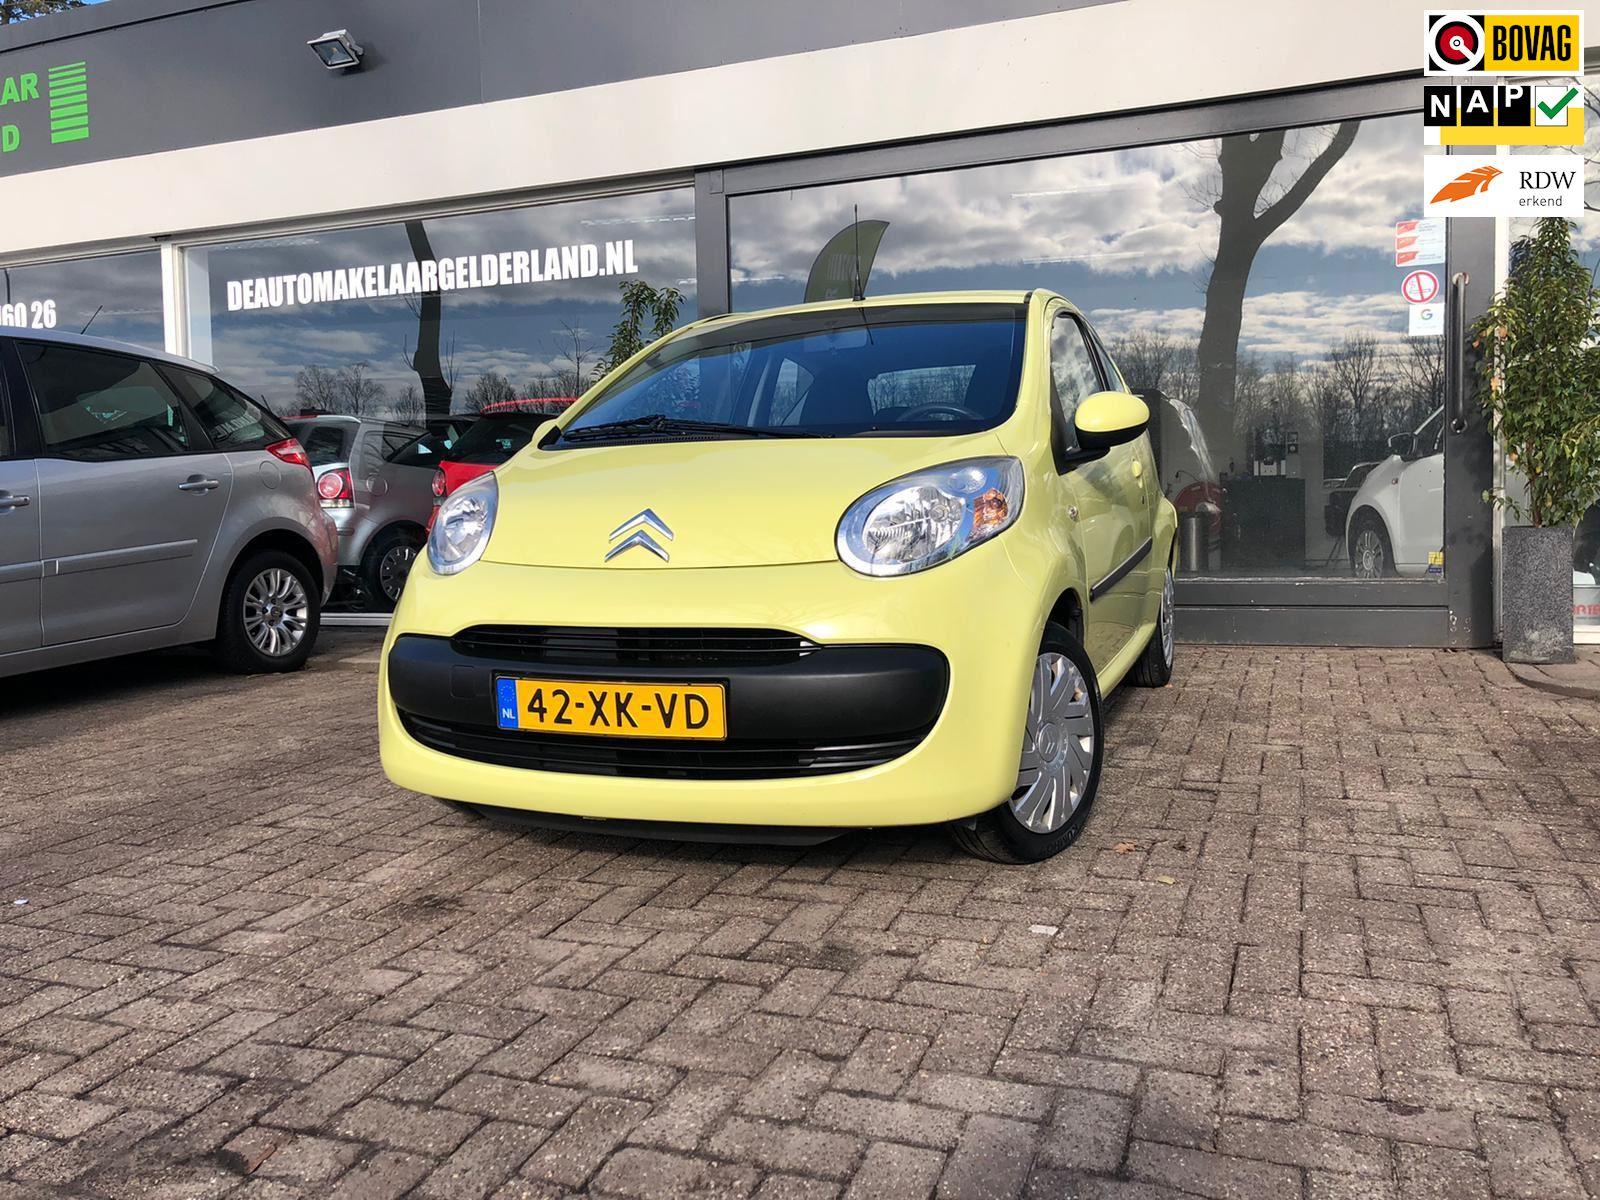 Citroen C1 occasion - De Automakelaar Gelderland